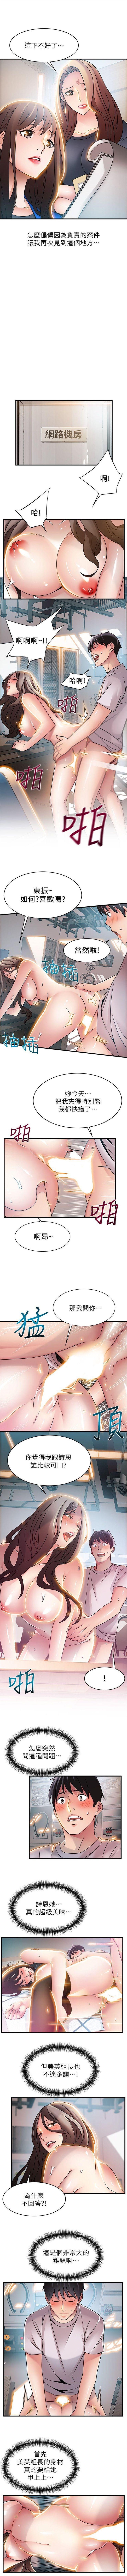 弱点 1-64 中文翻译(更新中) 158